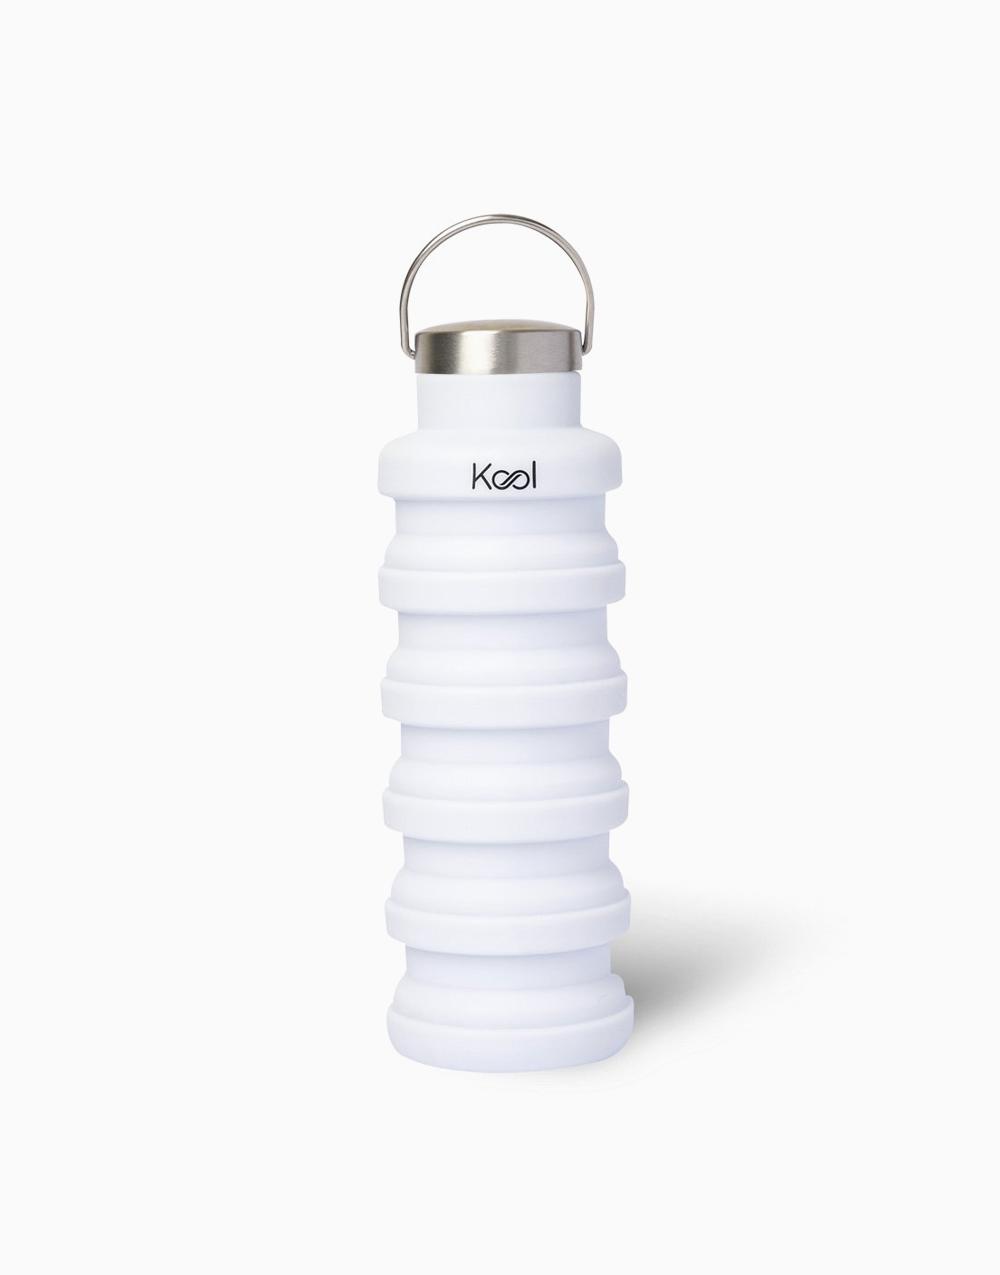 Kool Foldable Bottle (500ml) by Kool | Aspen